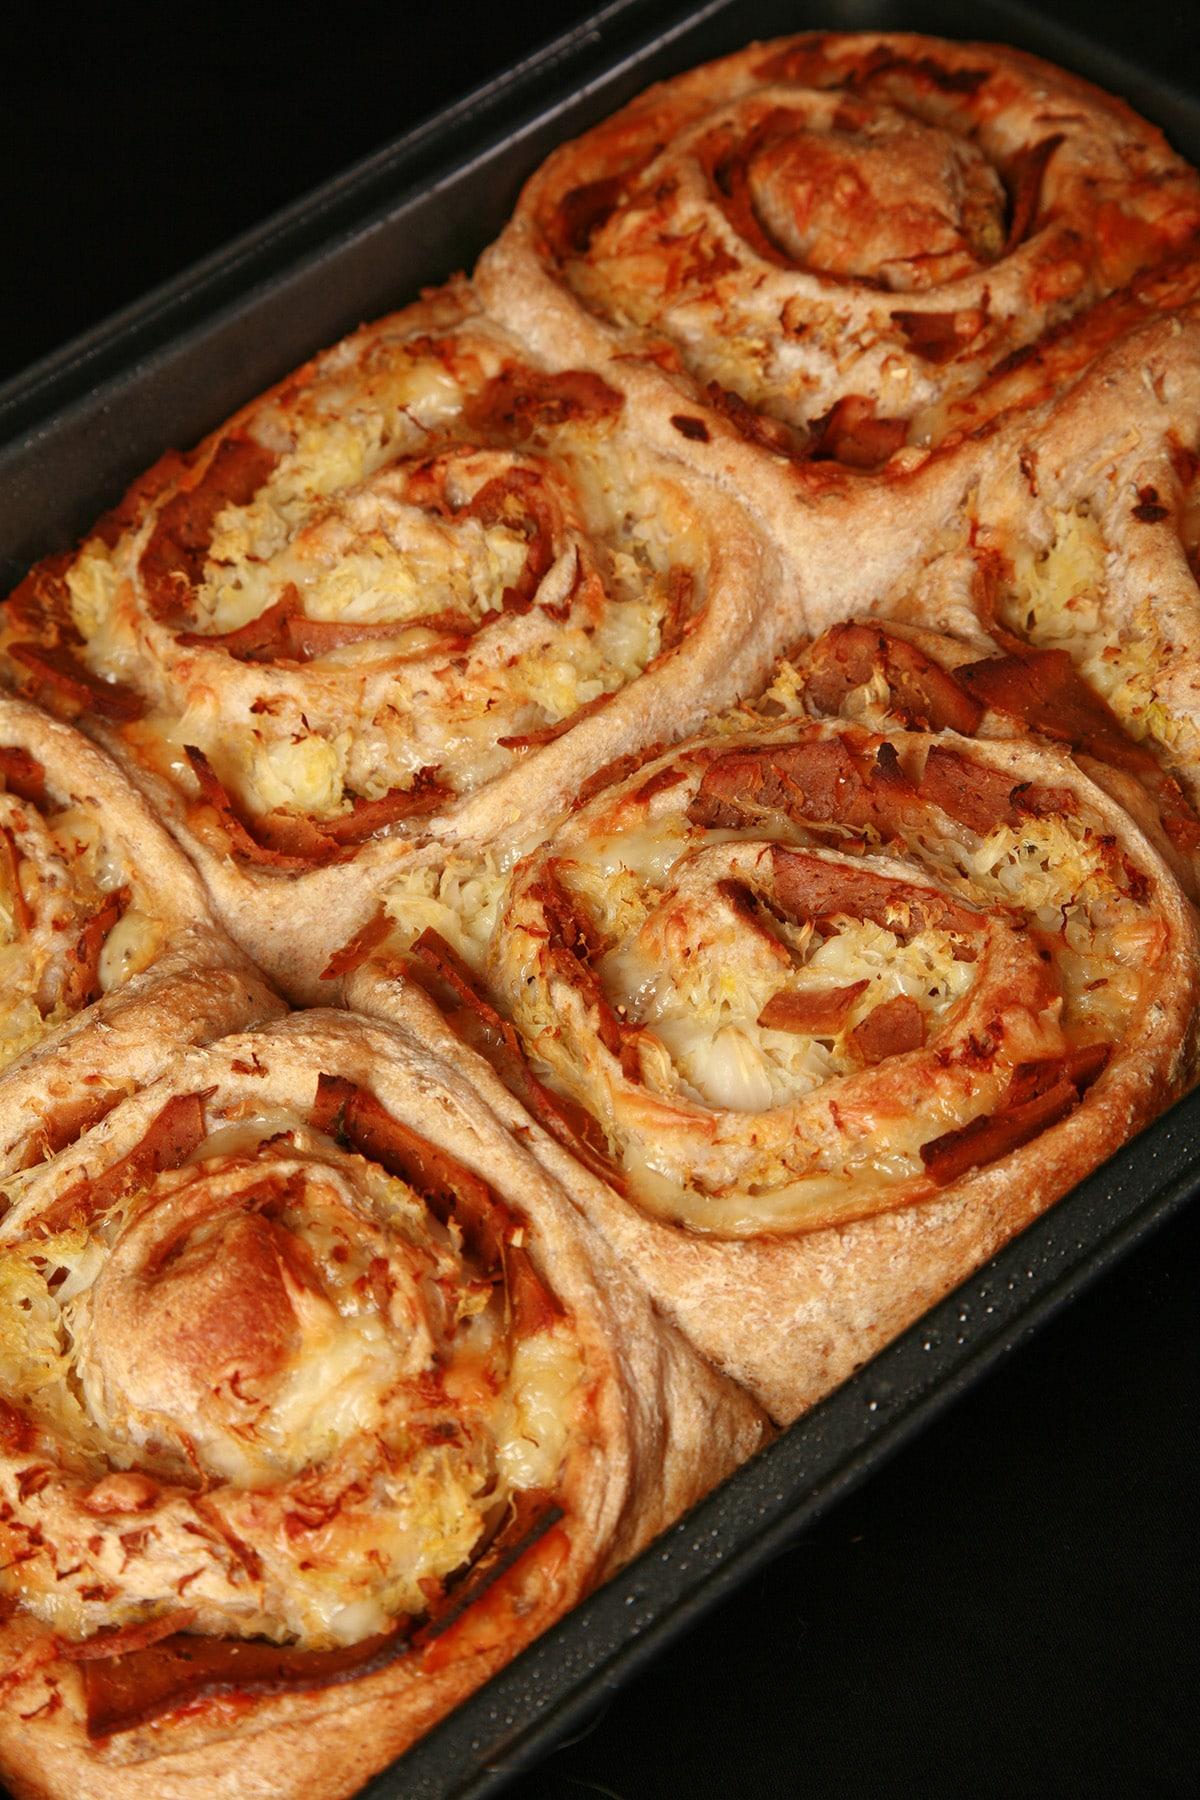 A pan of 6 Reuben buns.